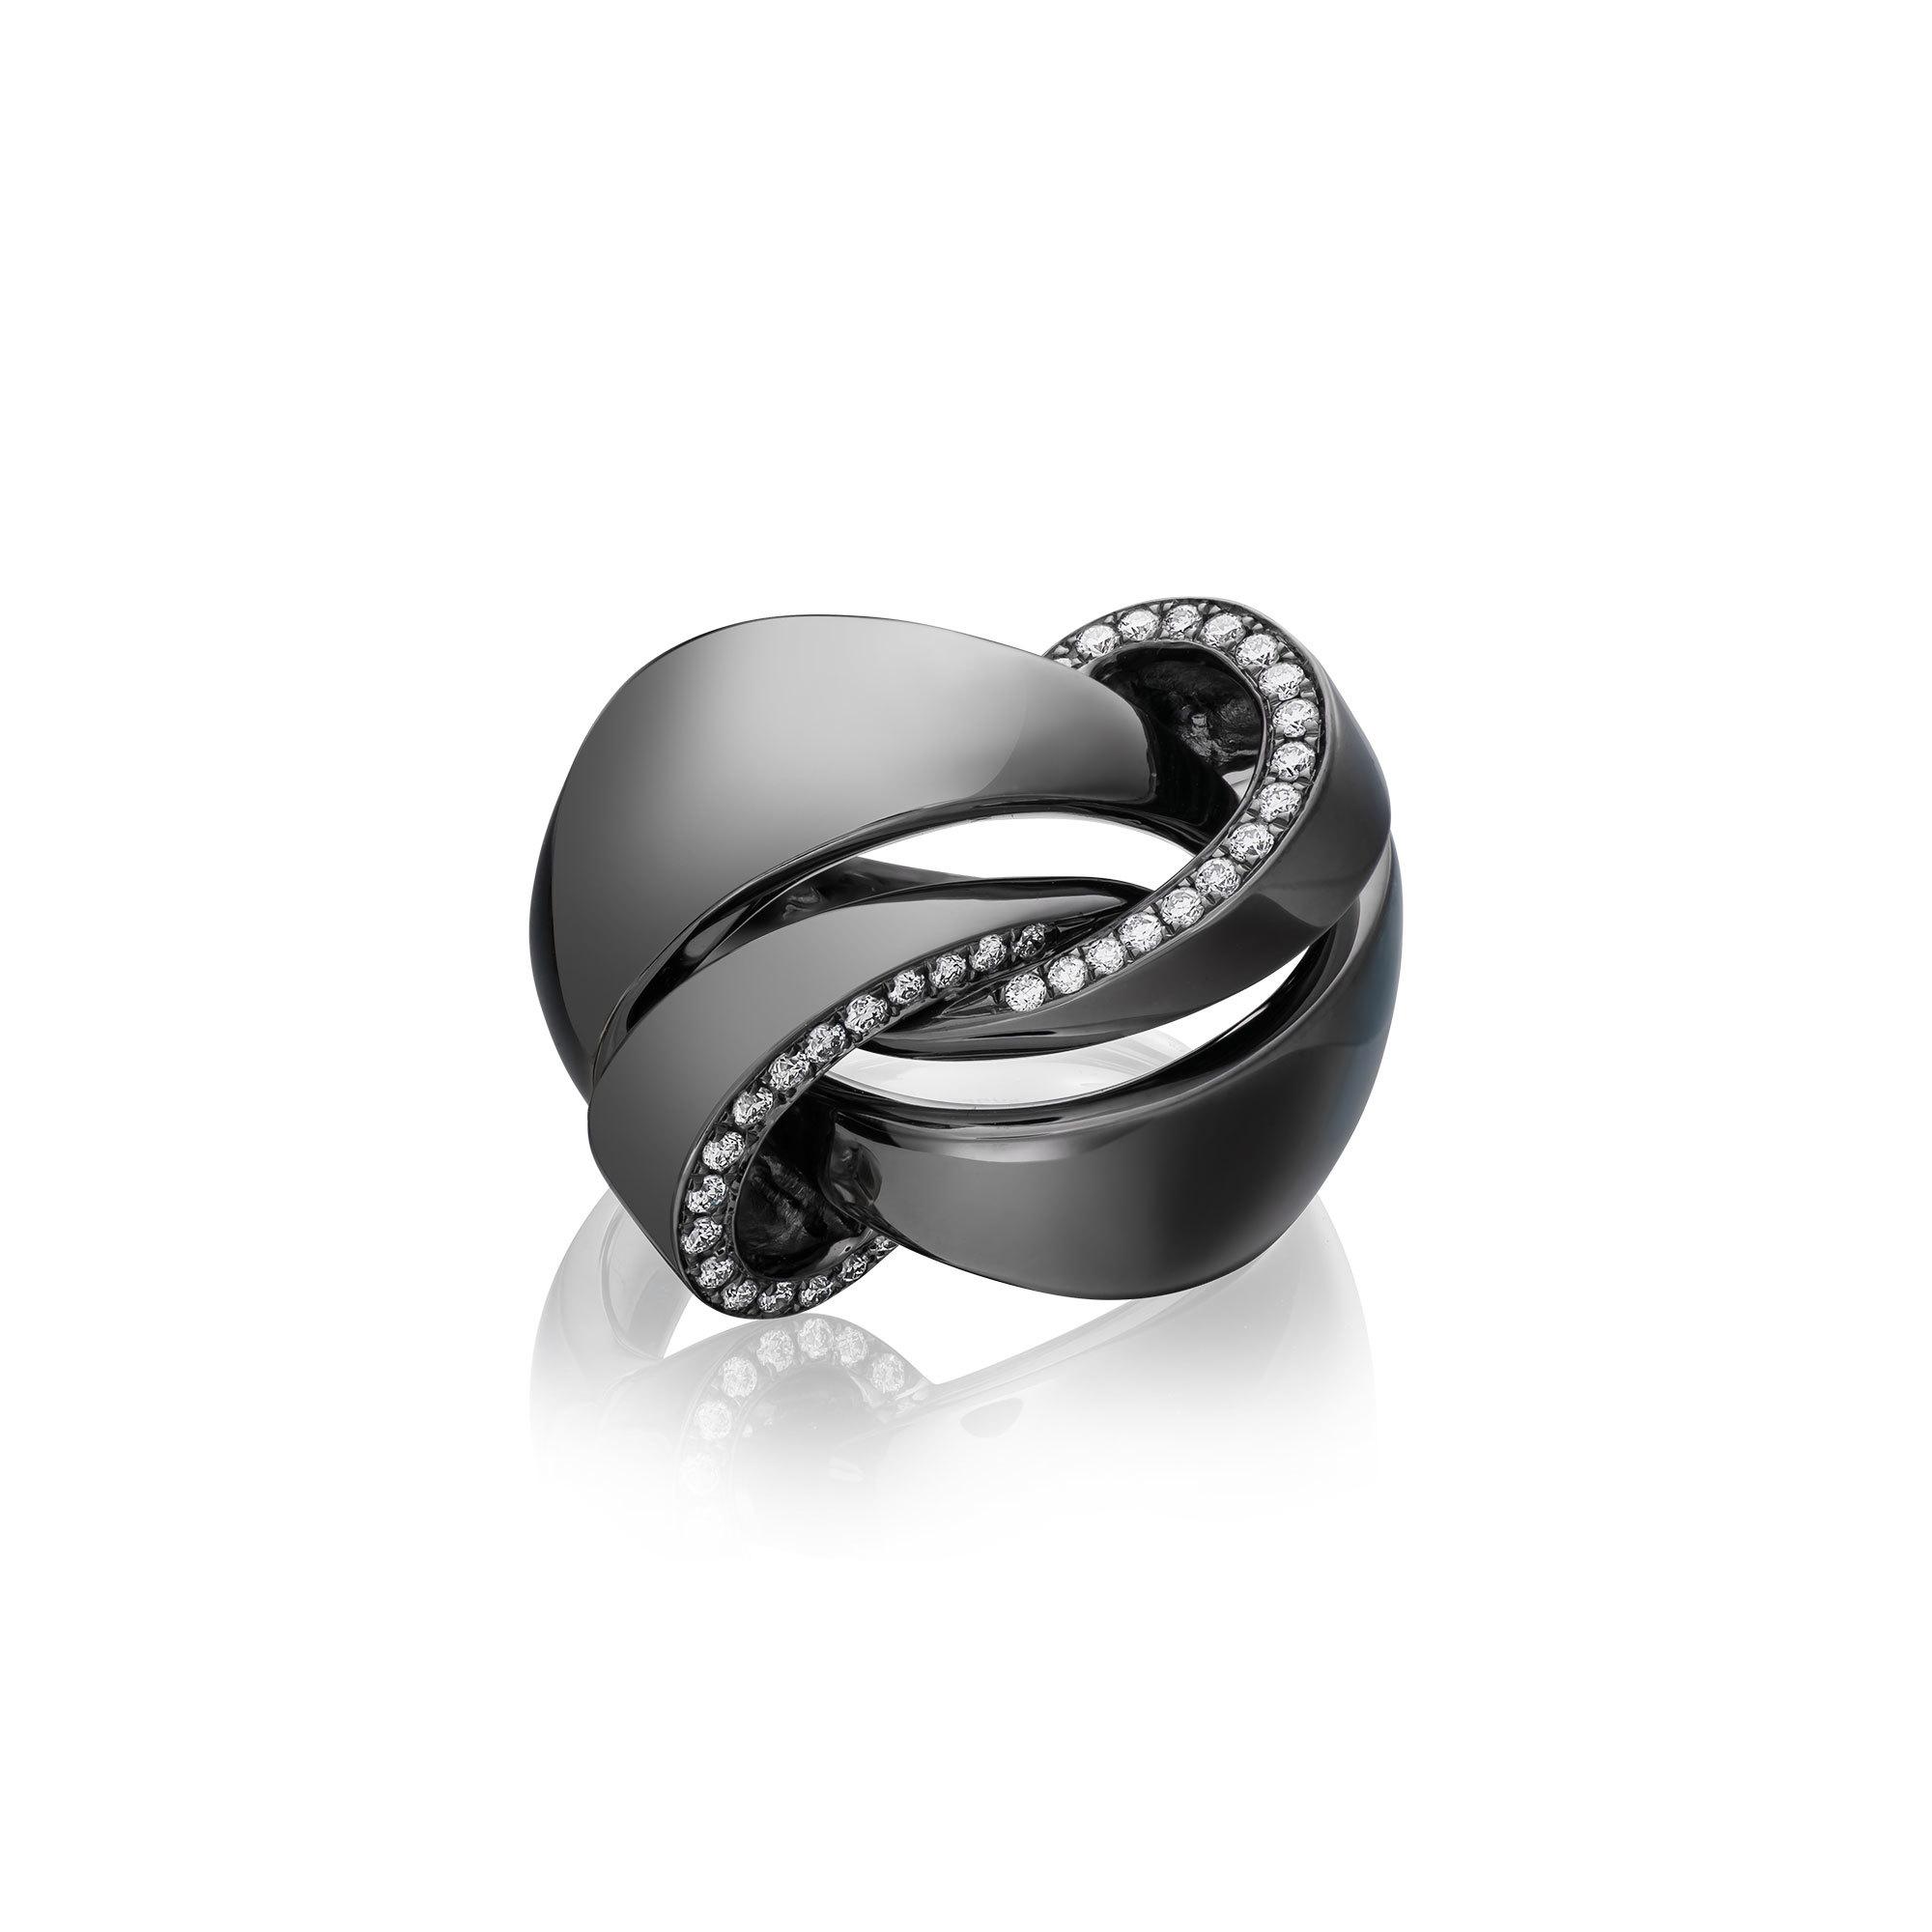 ORTAEA Armor Ring